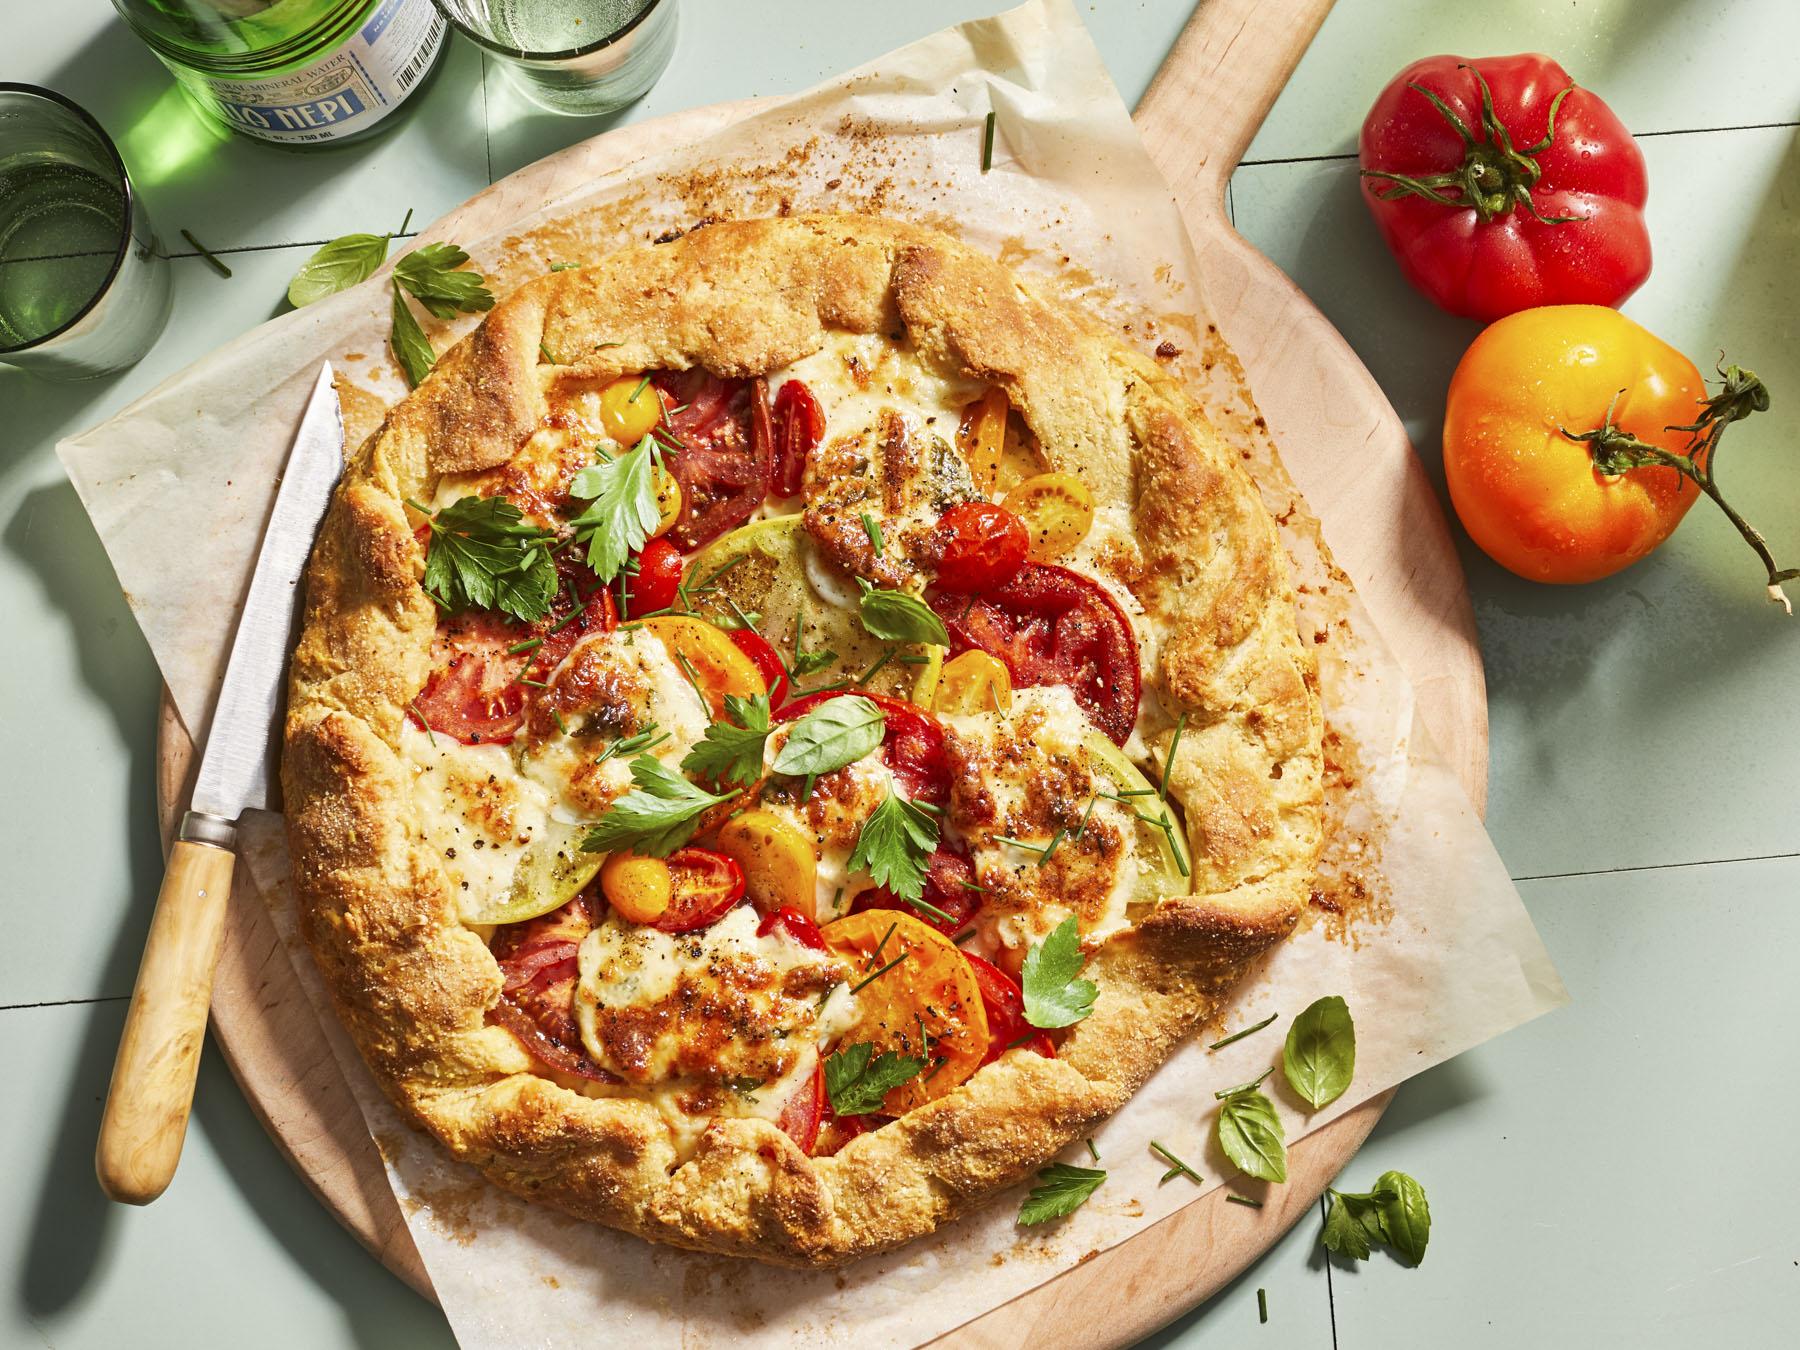 Tomato Tart with Smoked Mozzarella and Dijon